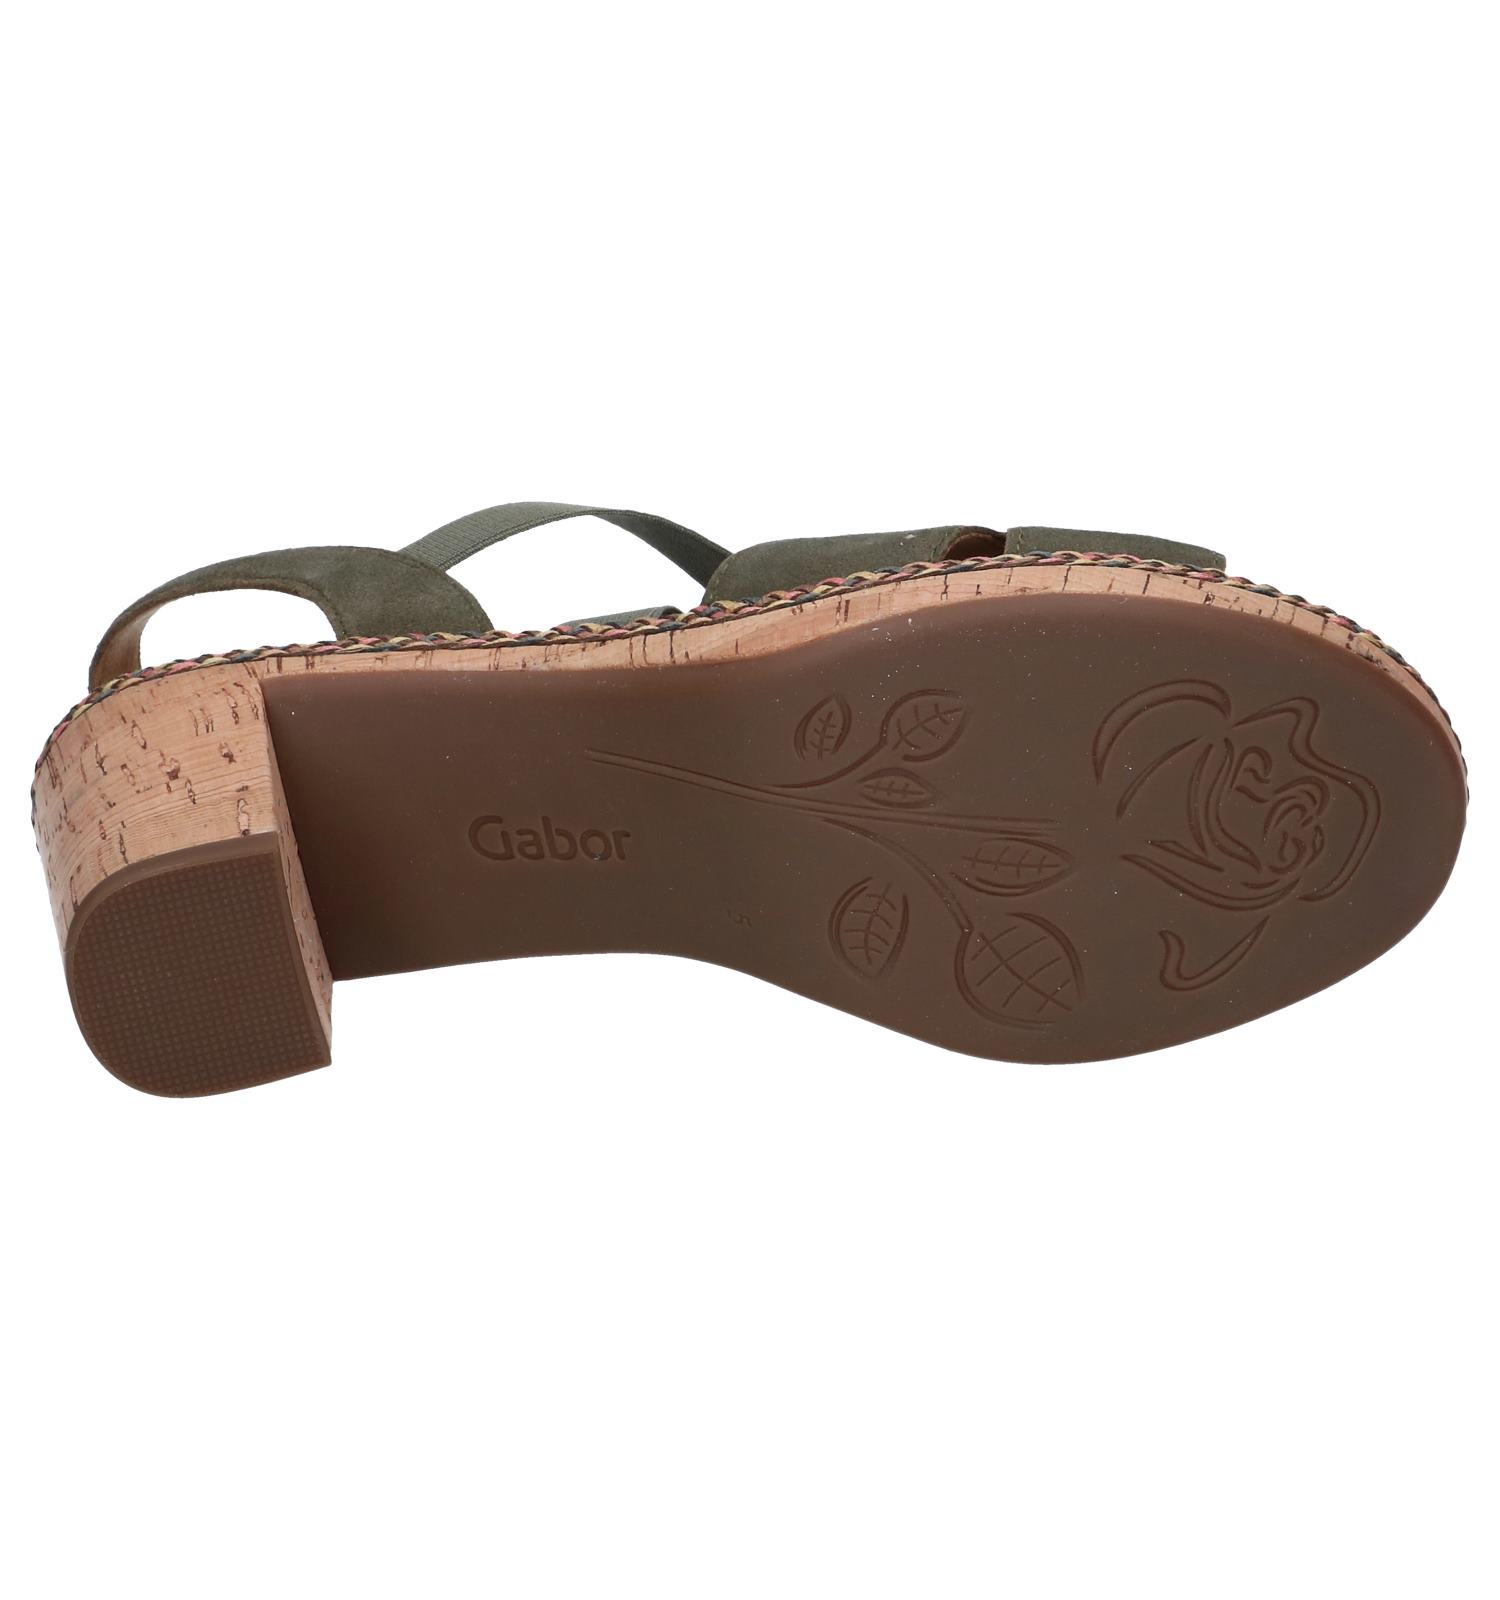 Kaki Comfort Gabor Comfort Sandalen Gabor Kaki Kaki Comfort Gabor Sandalen Sandalen wuOTkZPXi